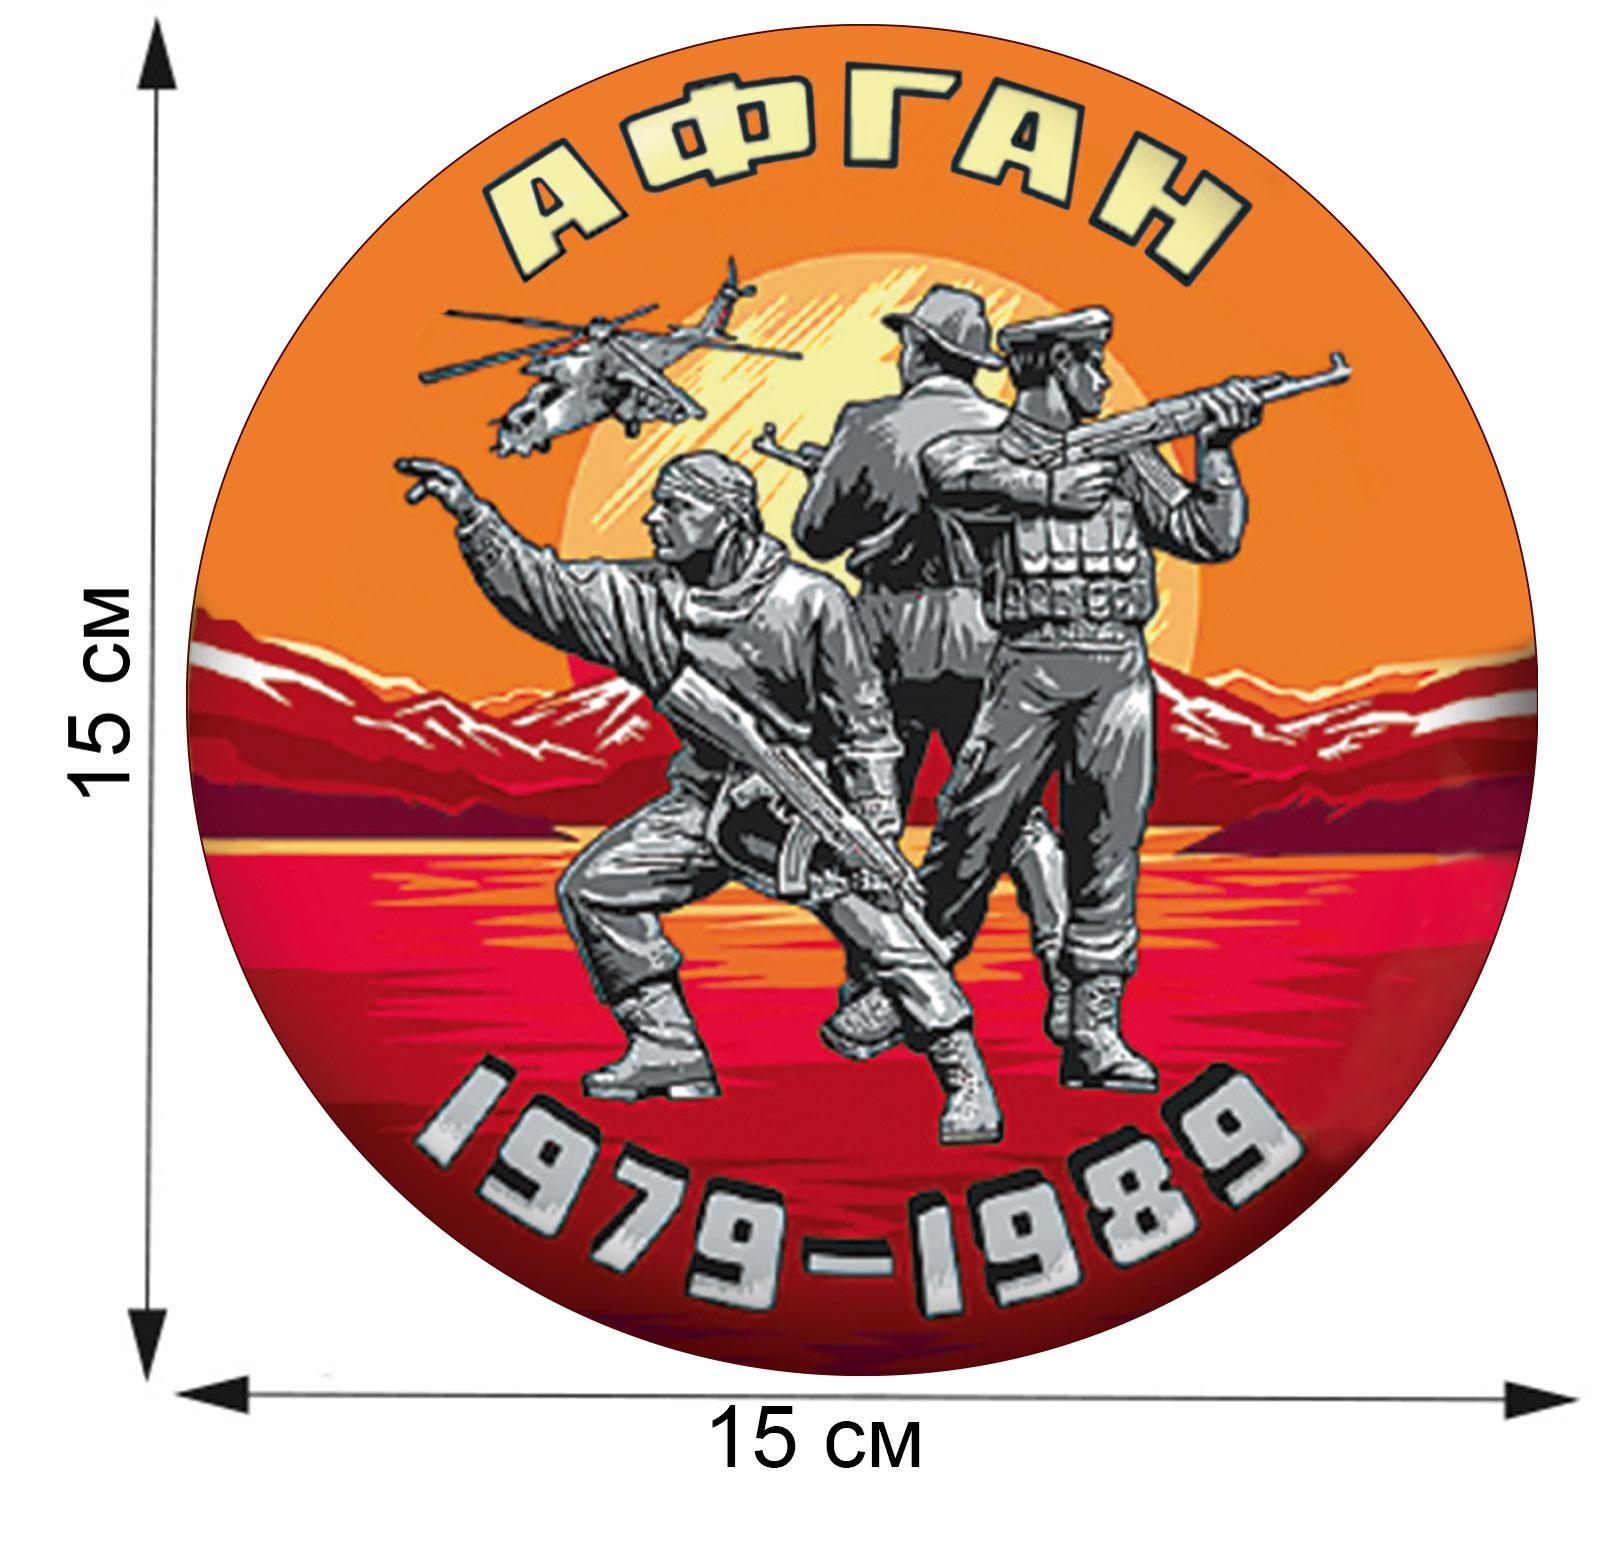 Прикольные словами, открытки эмблемы 30-лет вывода советских войск с афганистана